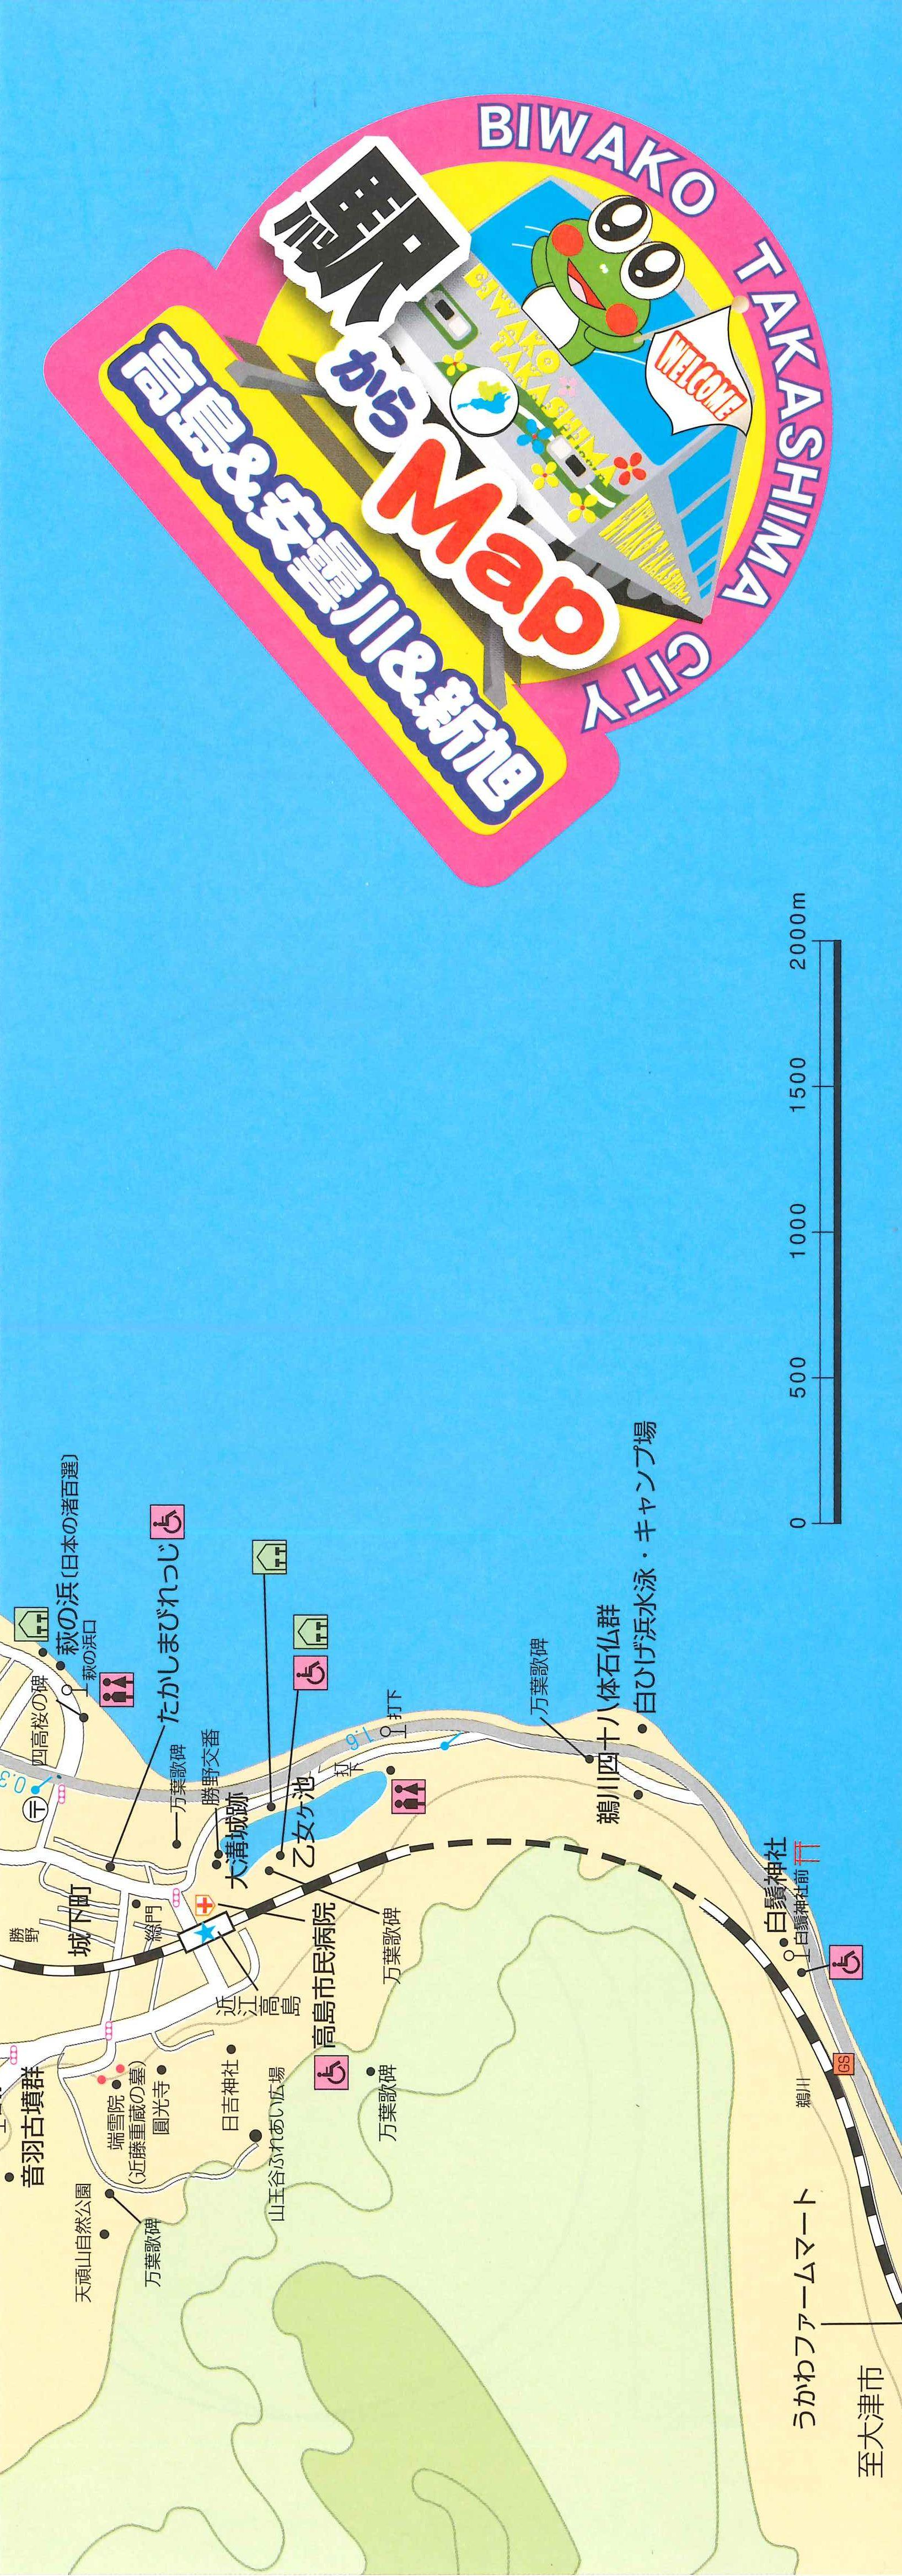 駅からMAP 高島&安曇川&新旭エリア